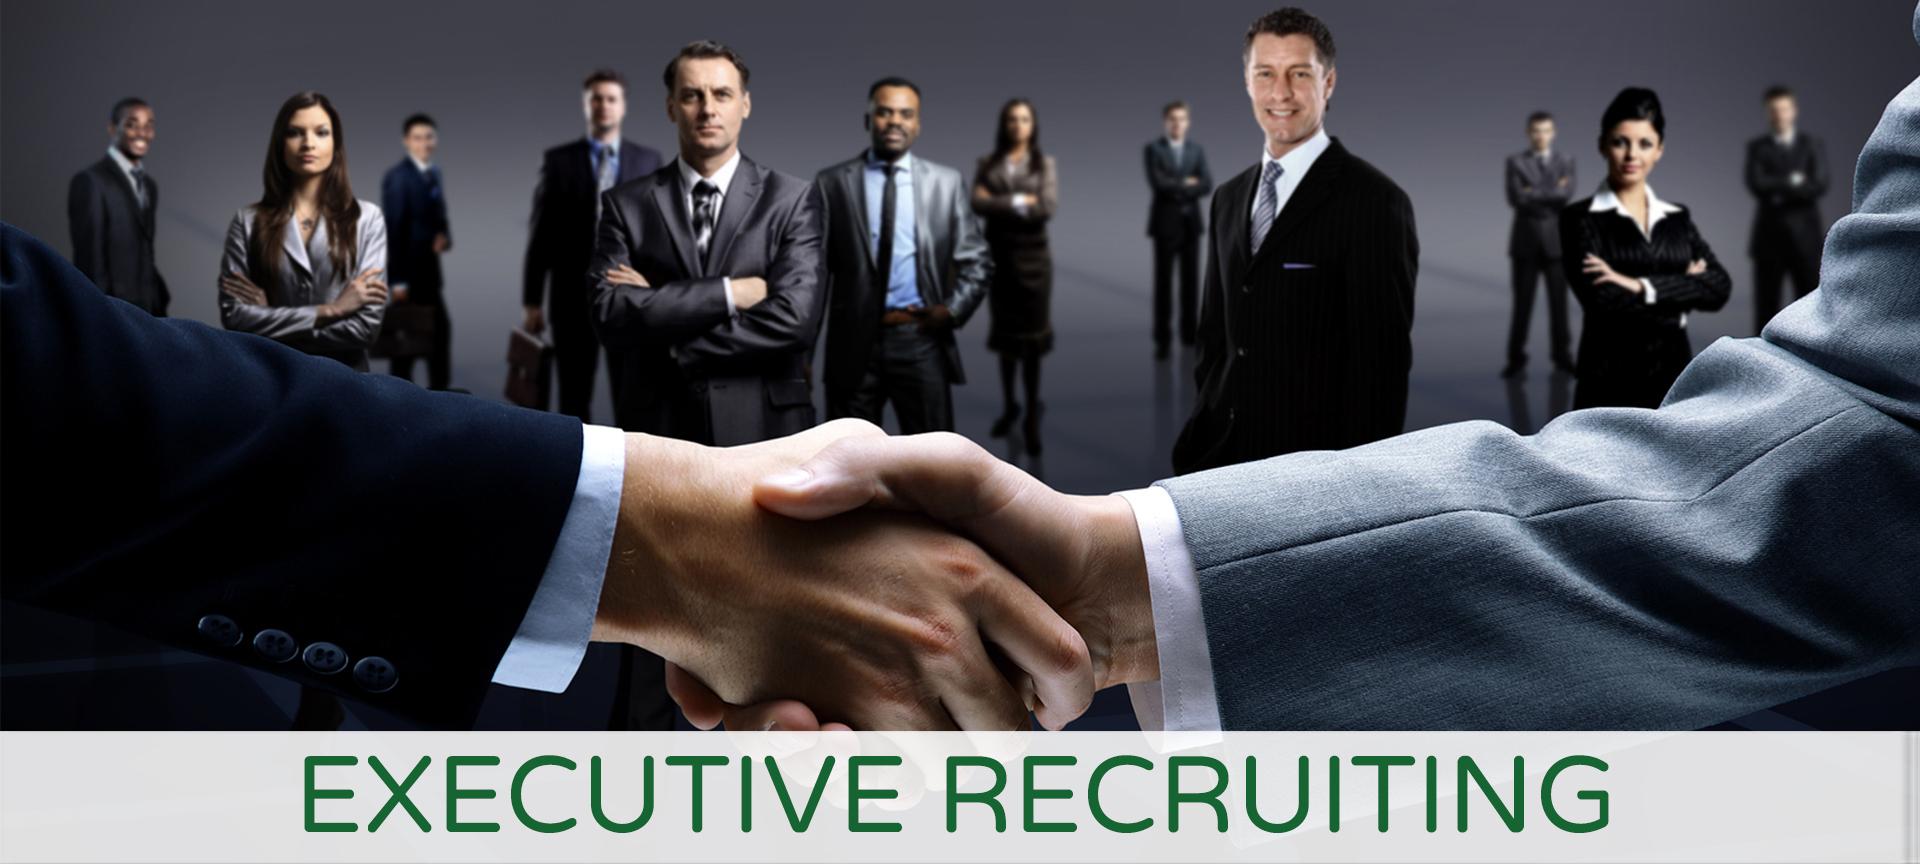 executive recruiting.jpg